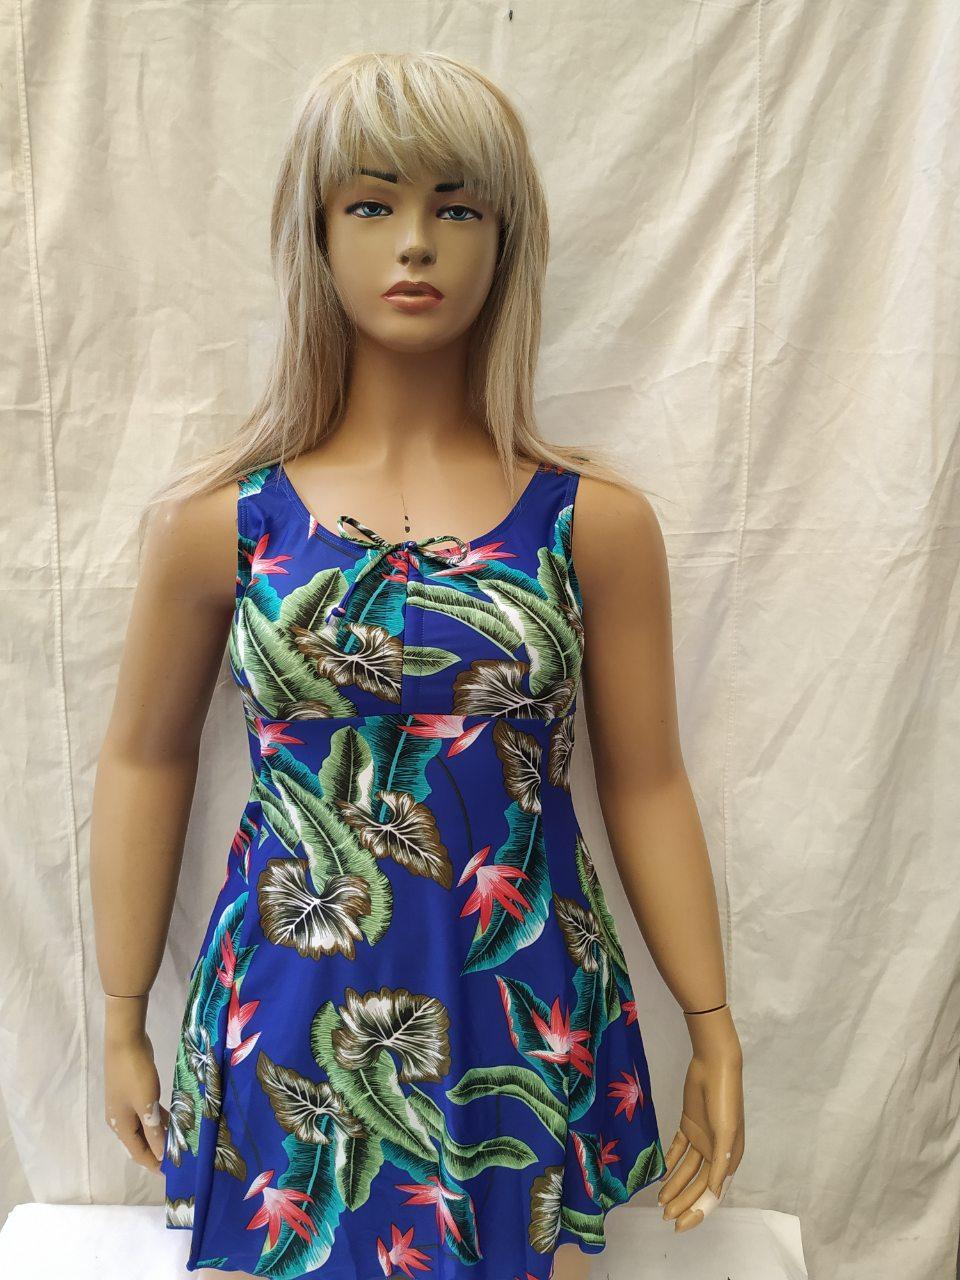 6Купальник- платье Танкини Bise a fairy 67132 Пальма электрик(в наличии   52 54 56  размеры)